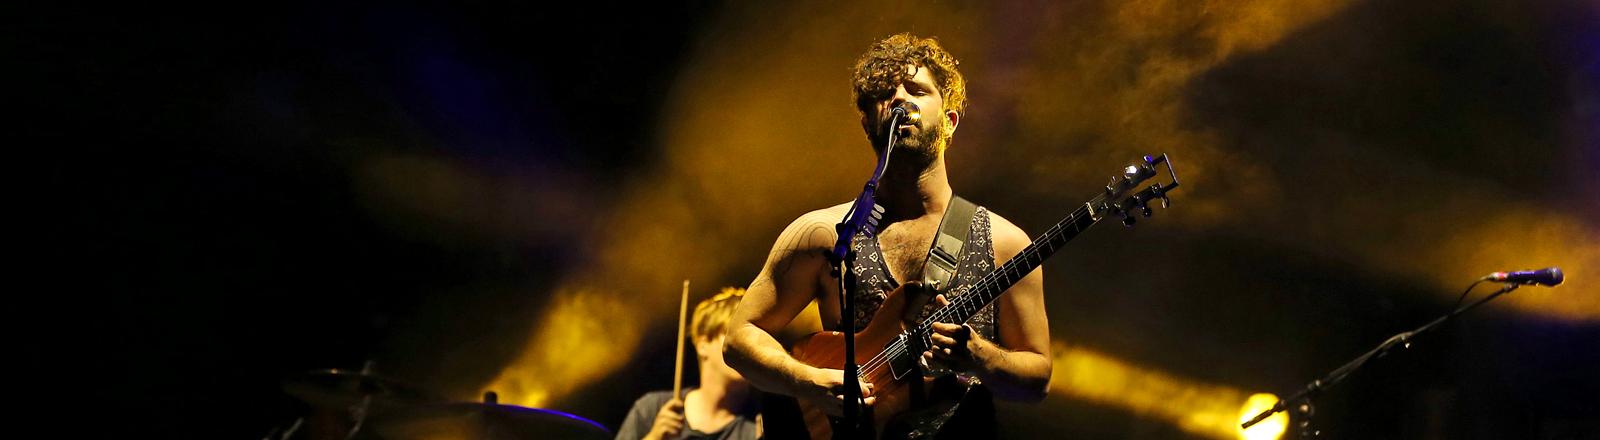 """Yannis Philippakis von der Indie-Rockband """"Foals"""" 2014 auf dem SuperRock-Festival in Portugal"""